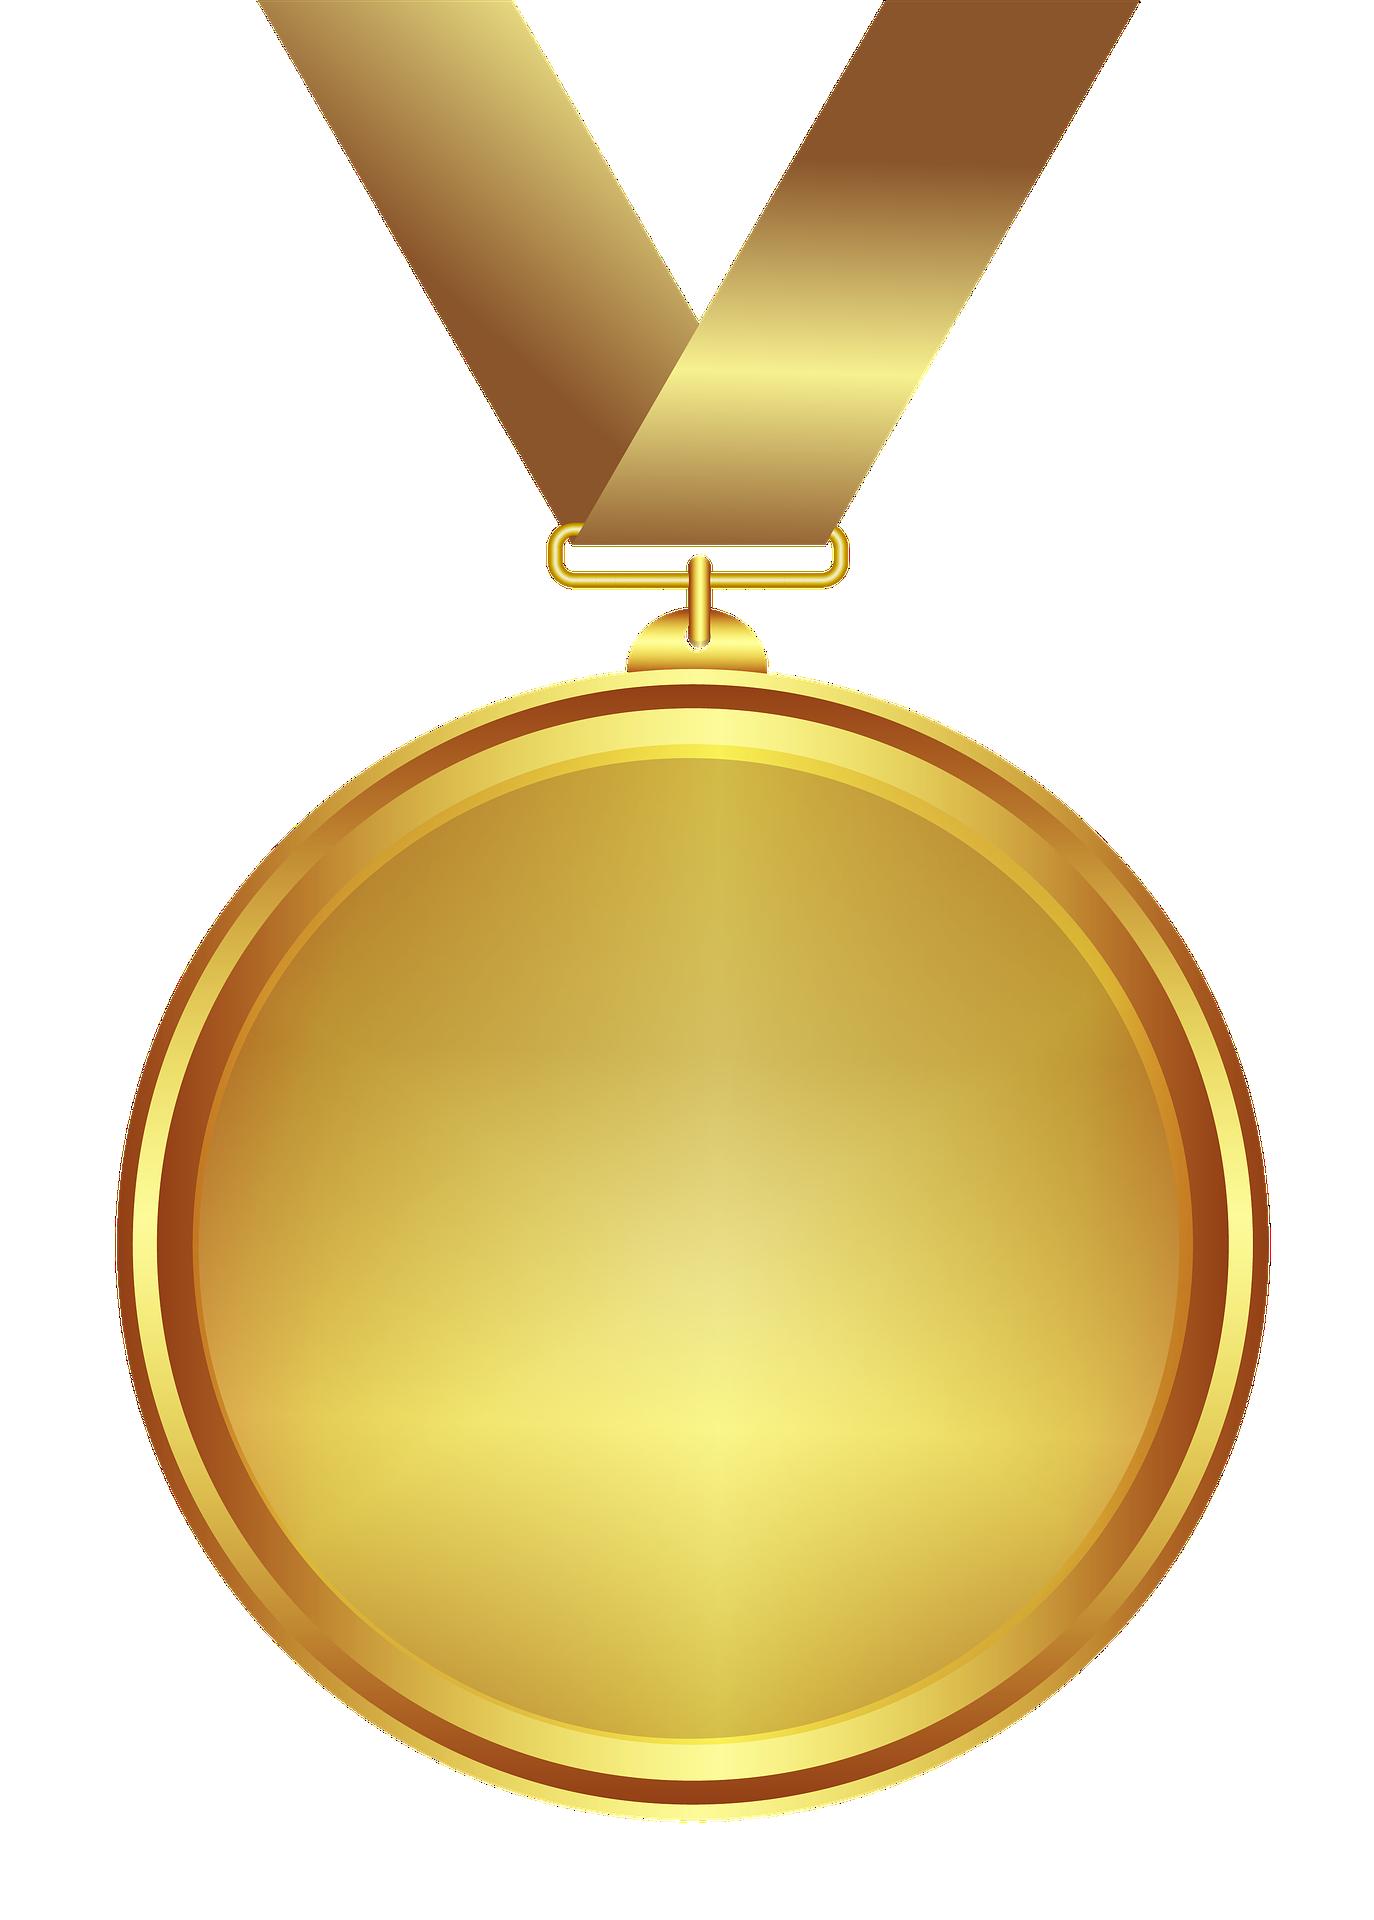 Tout savoir sur la médaille de l'ordre national du mérite